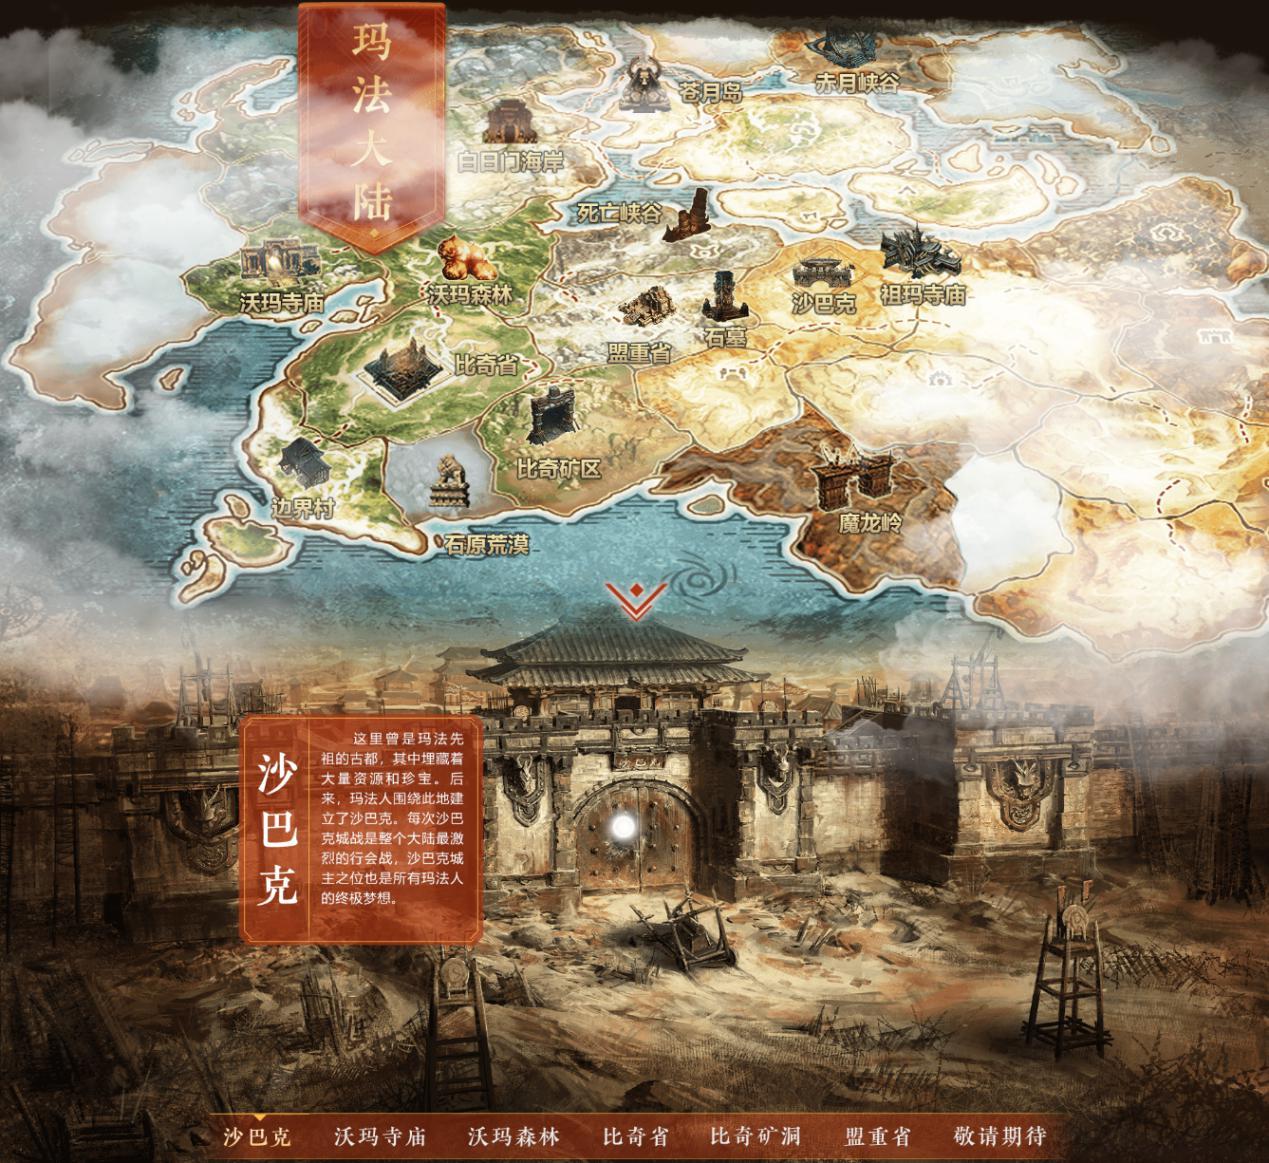 传奇天下手游测试今日开启,邀您一起热血重燃决战沙城!